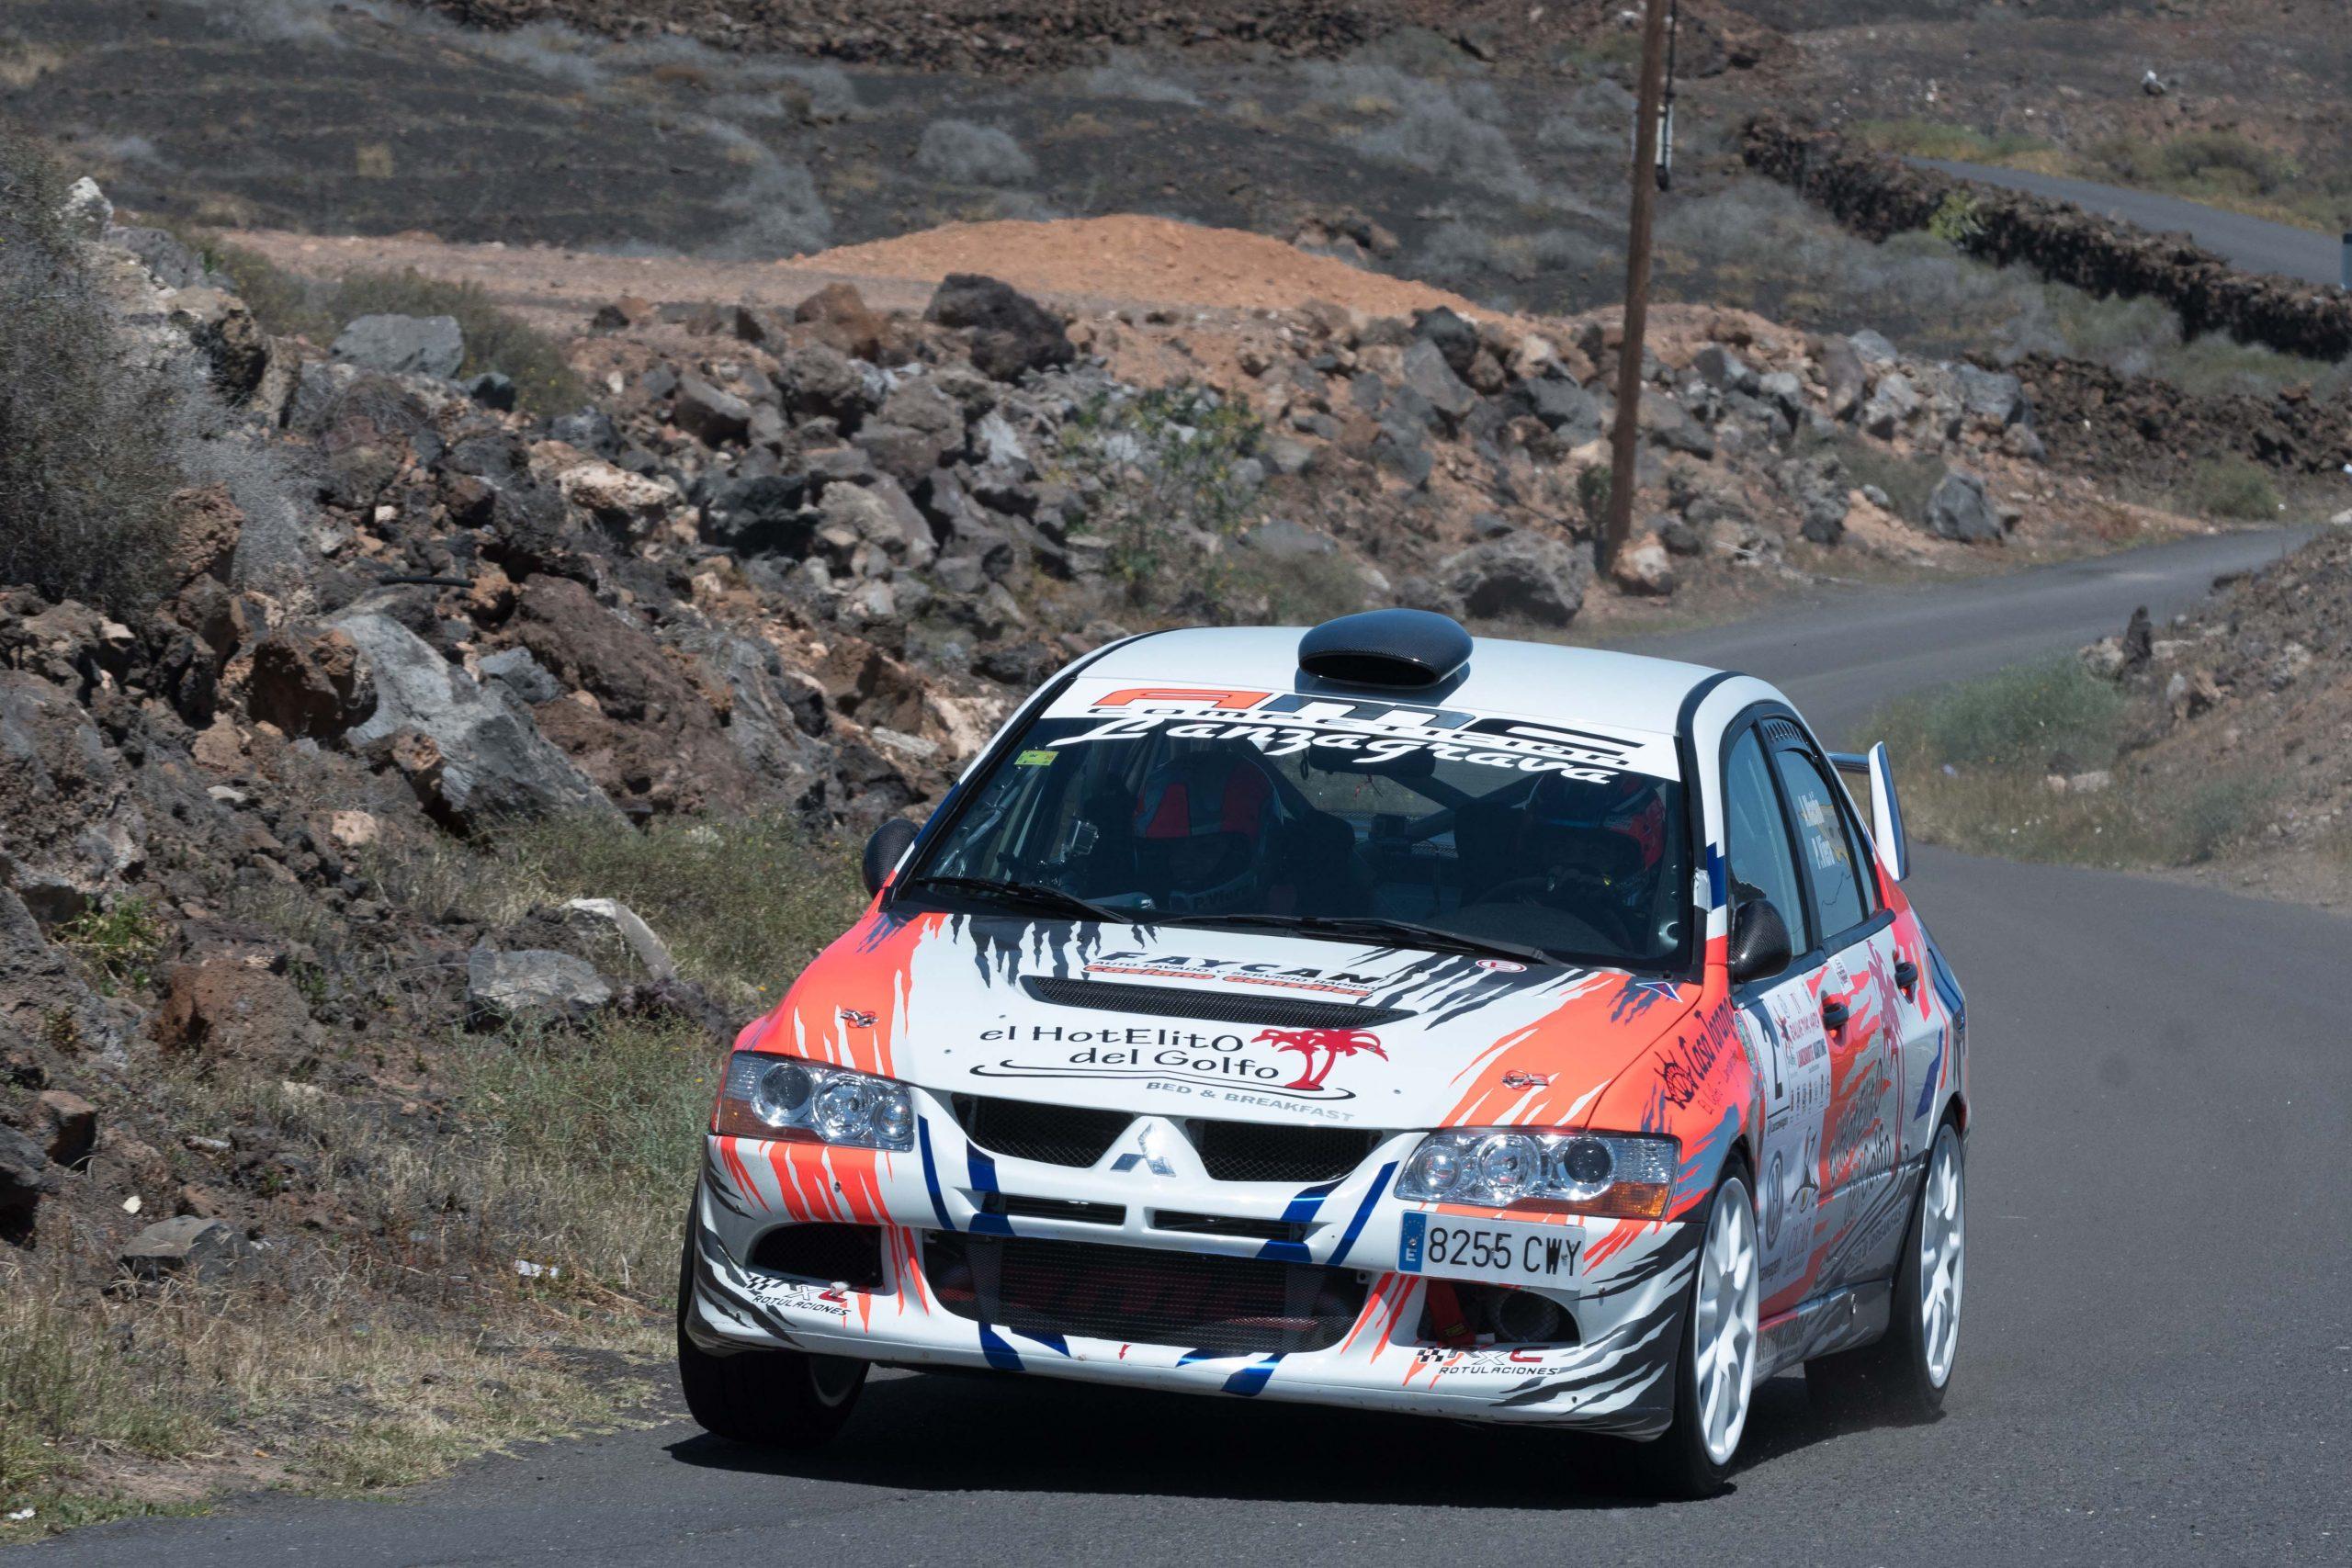 📢 Vibrante triunfo de Aníbal Machín y Pedro Viera en el IV Rallye Tías – Yaiza 'Trofeo Lanzarote Karting San  Bartolomé'